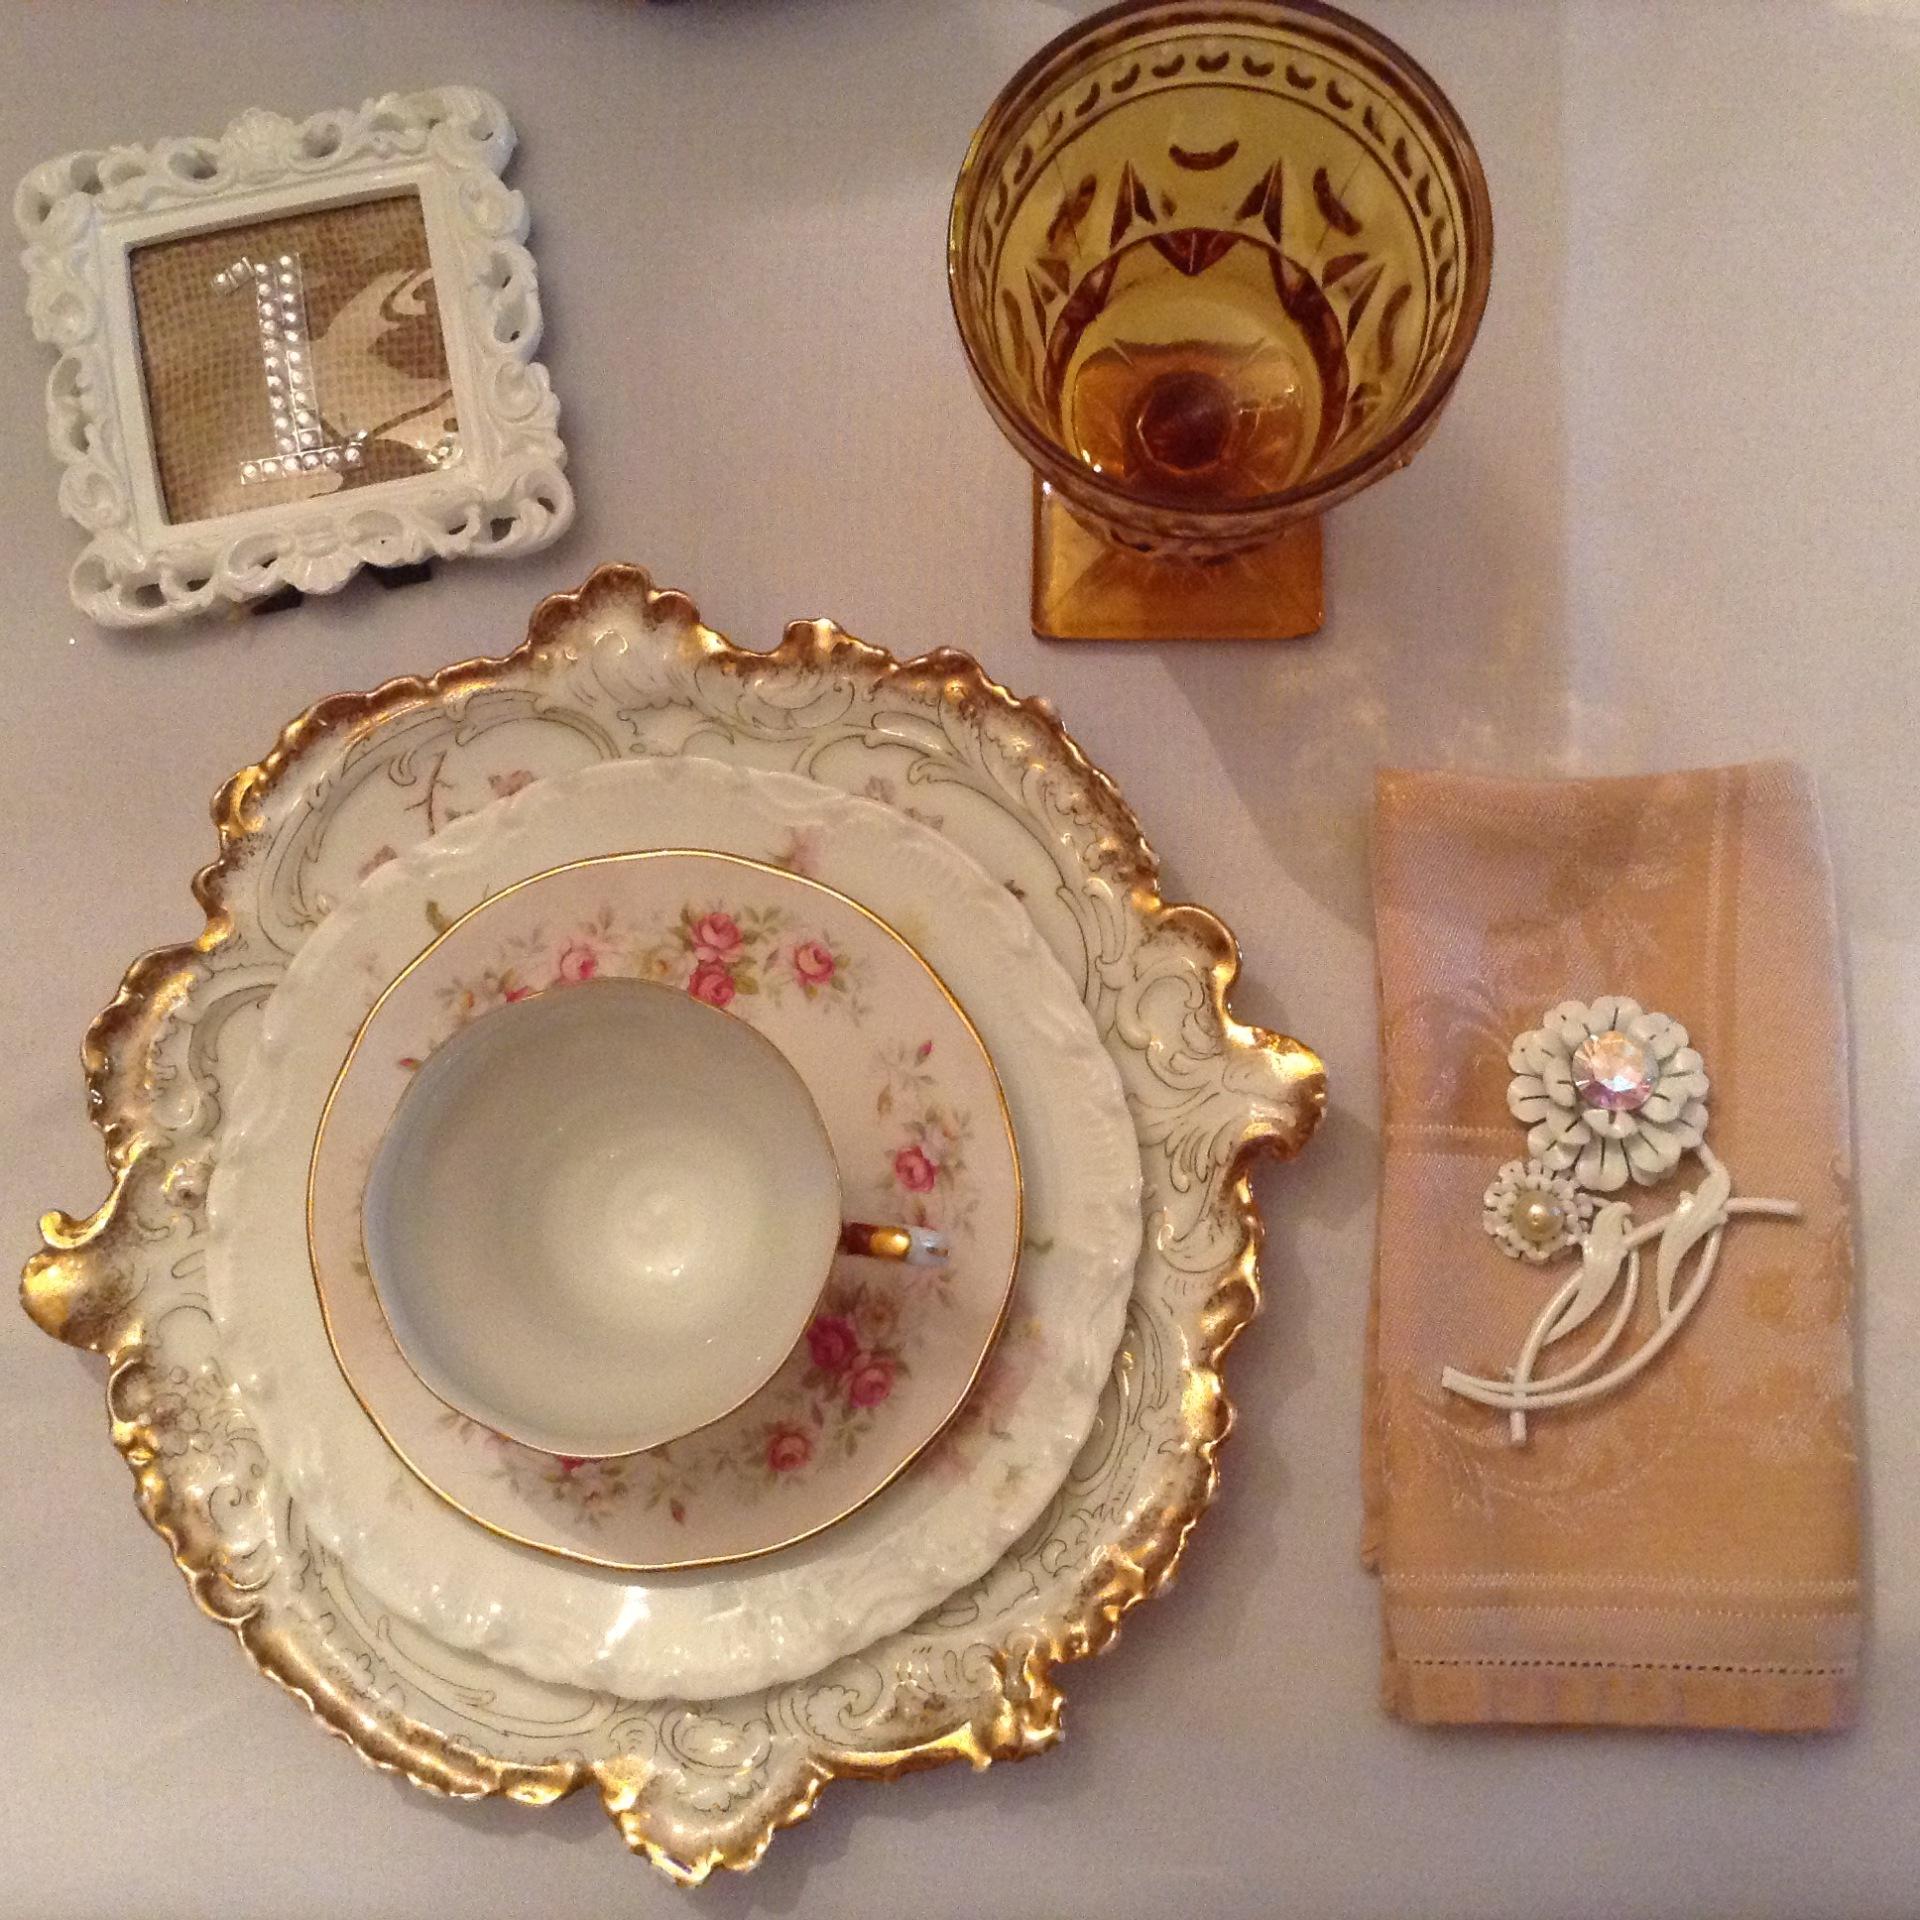 Vintage China & Goblet